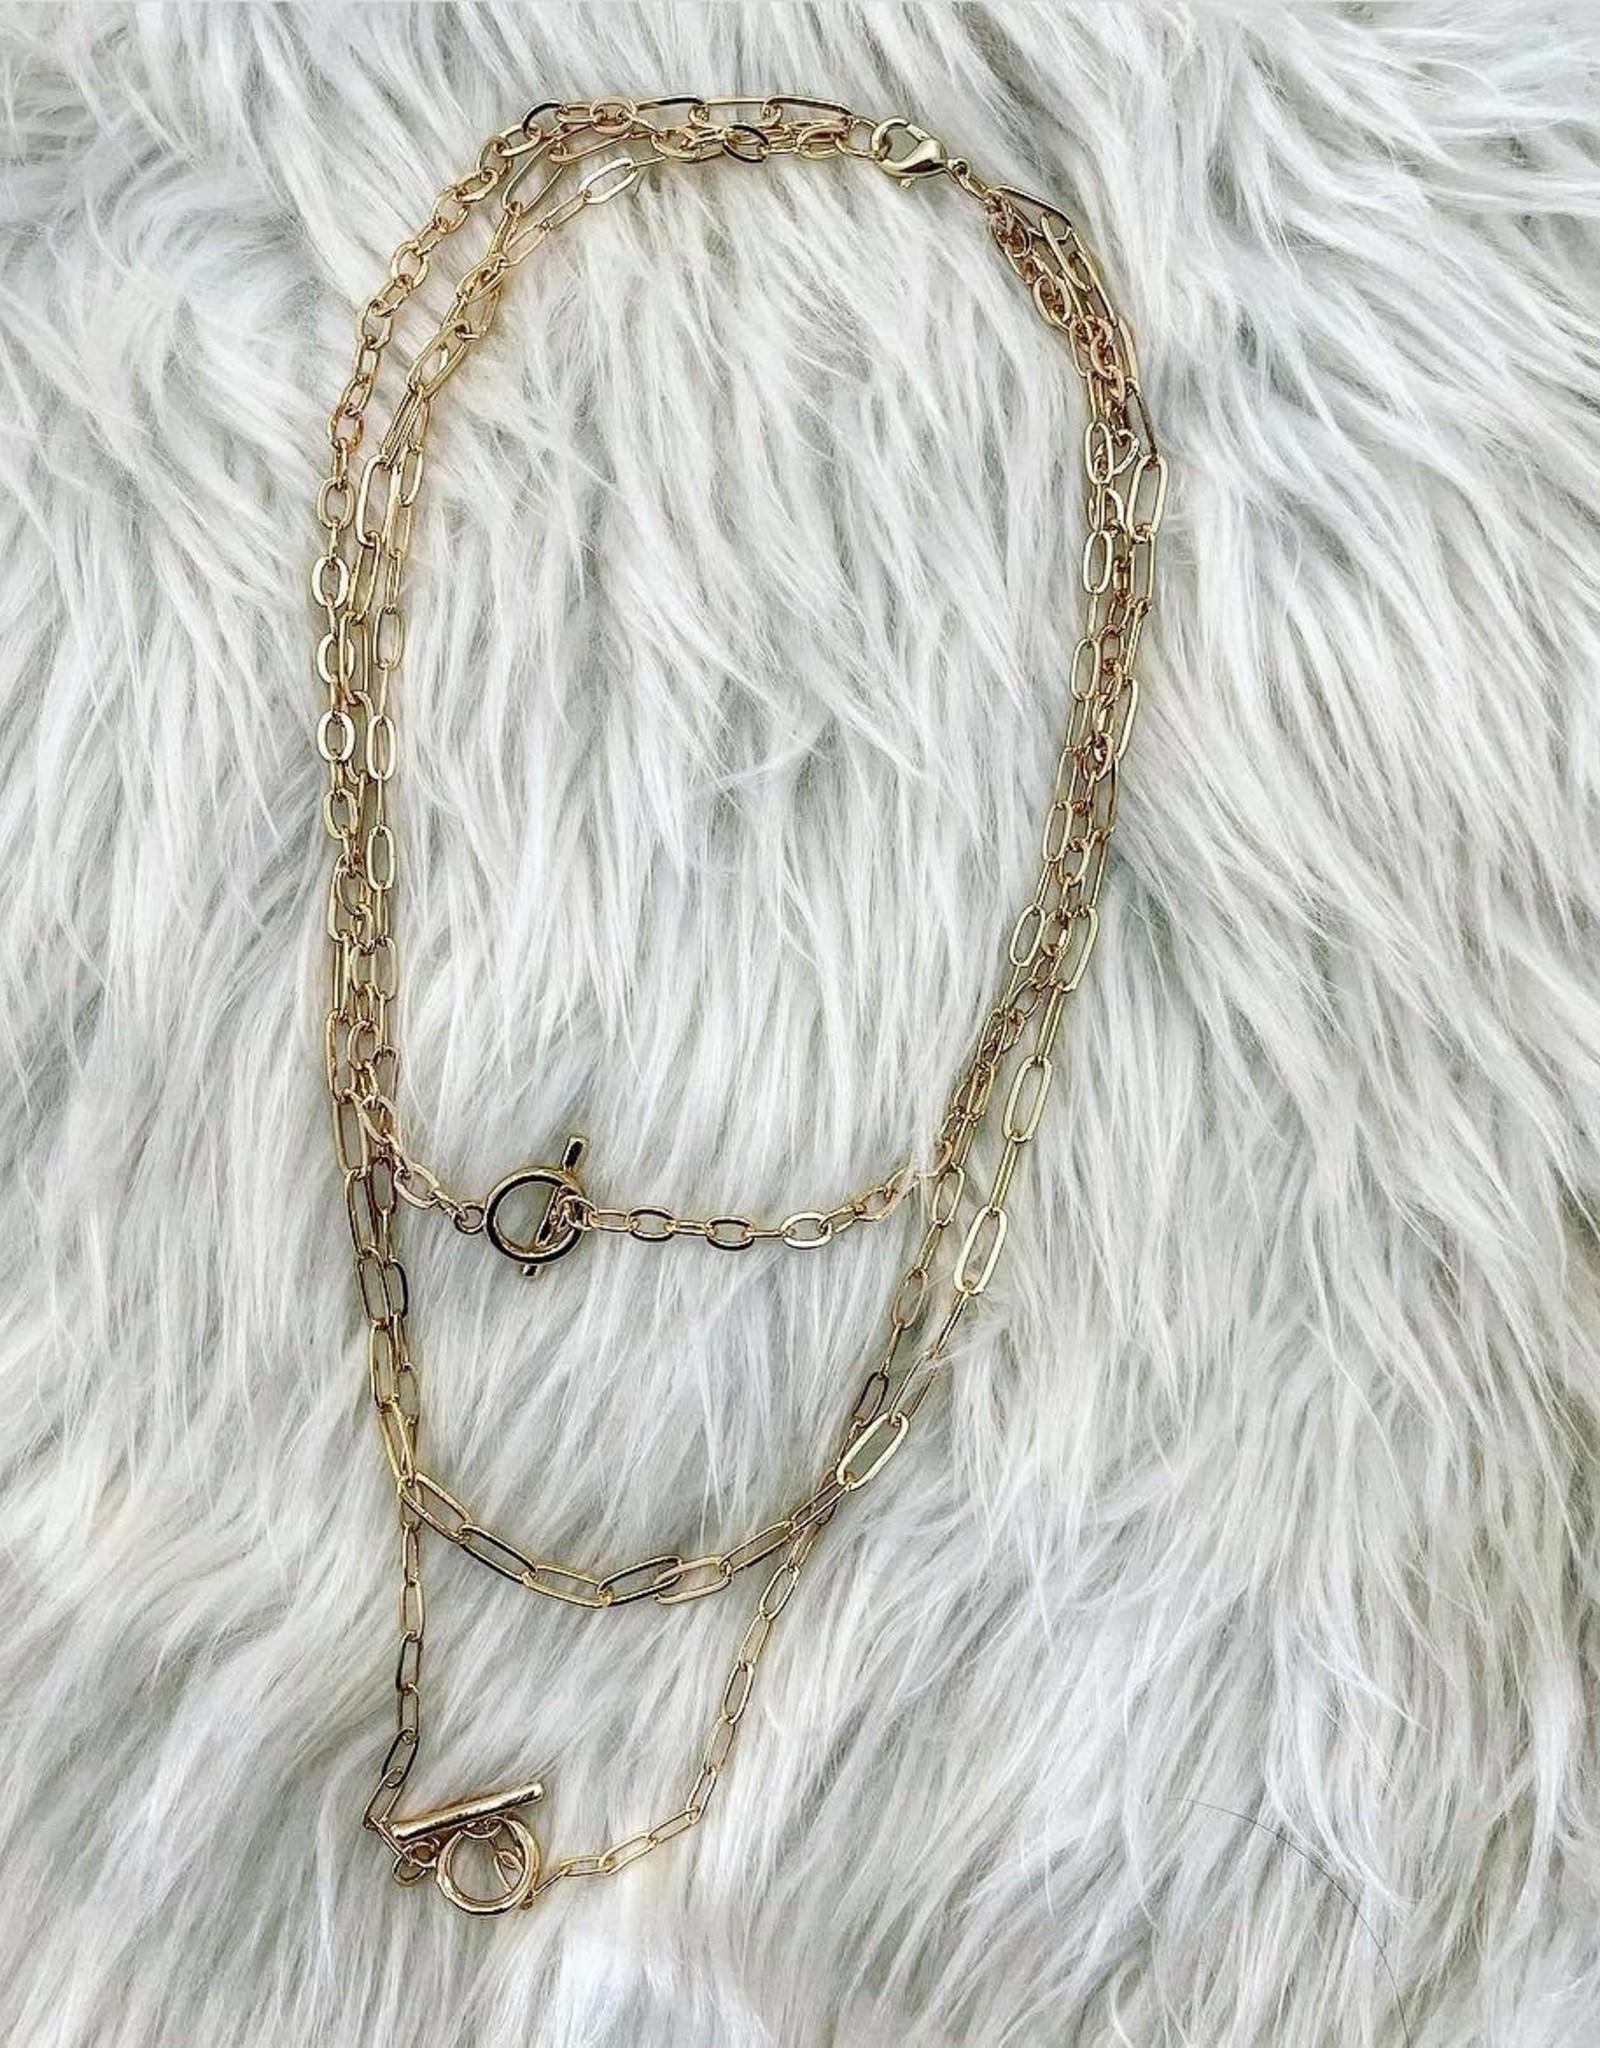 Multi Toggle & Chain Necklace